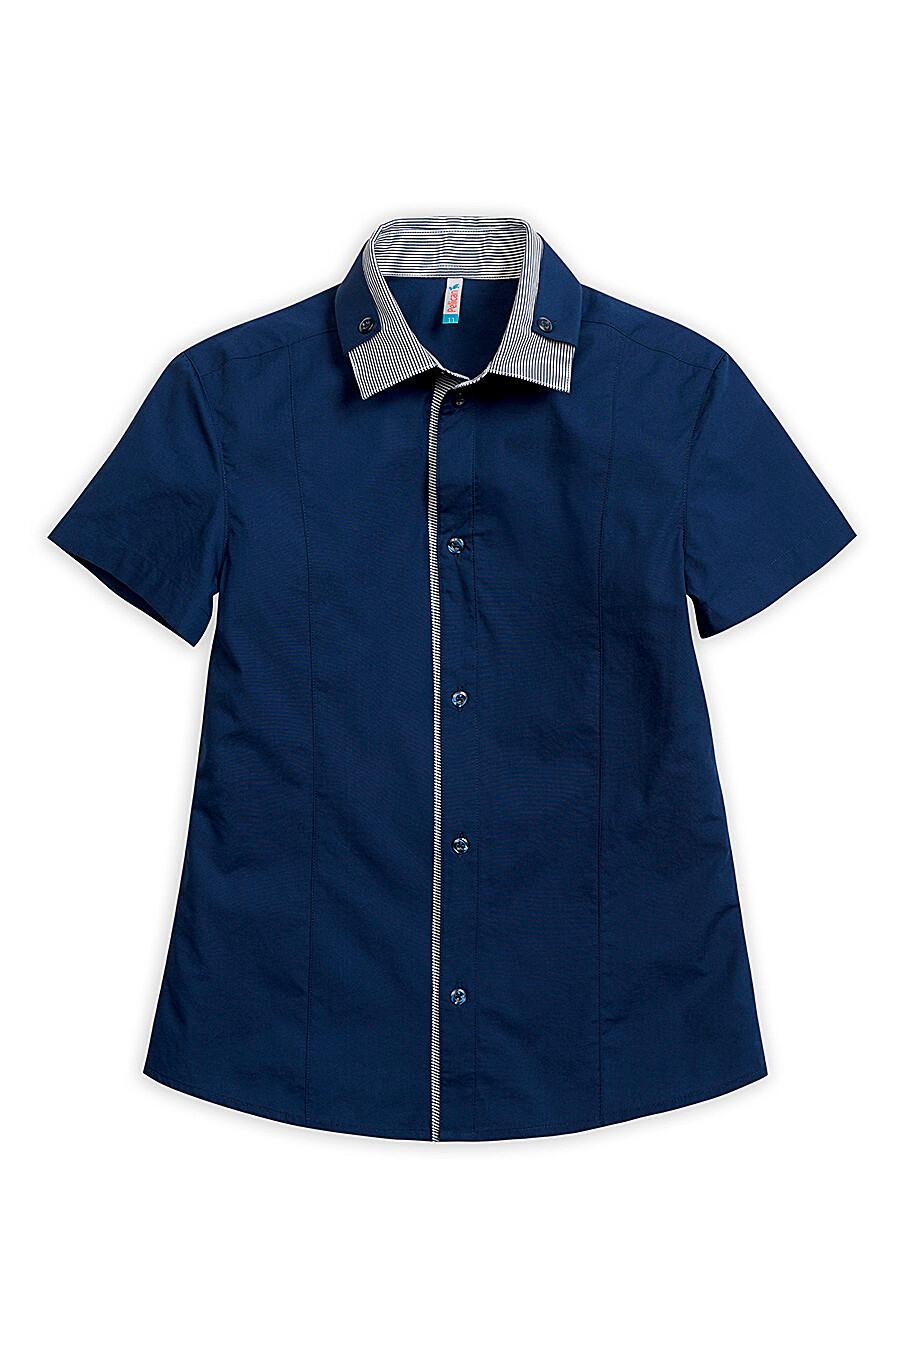 Сорочка для мальчиков PELICAN 218539 купить оптом от производителя. Совместная покупка детской одежды в OptMoyo